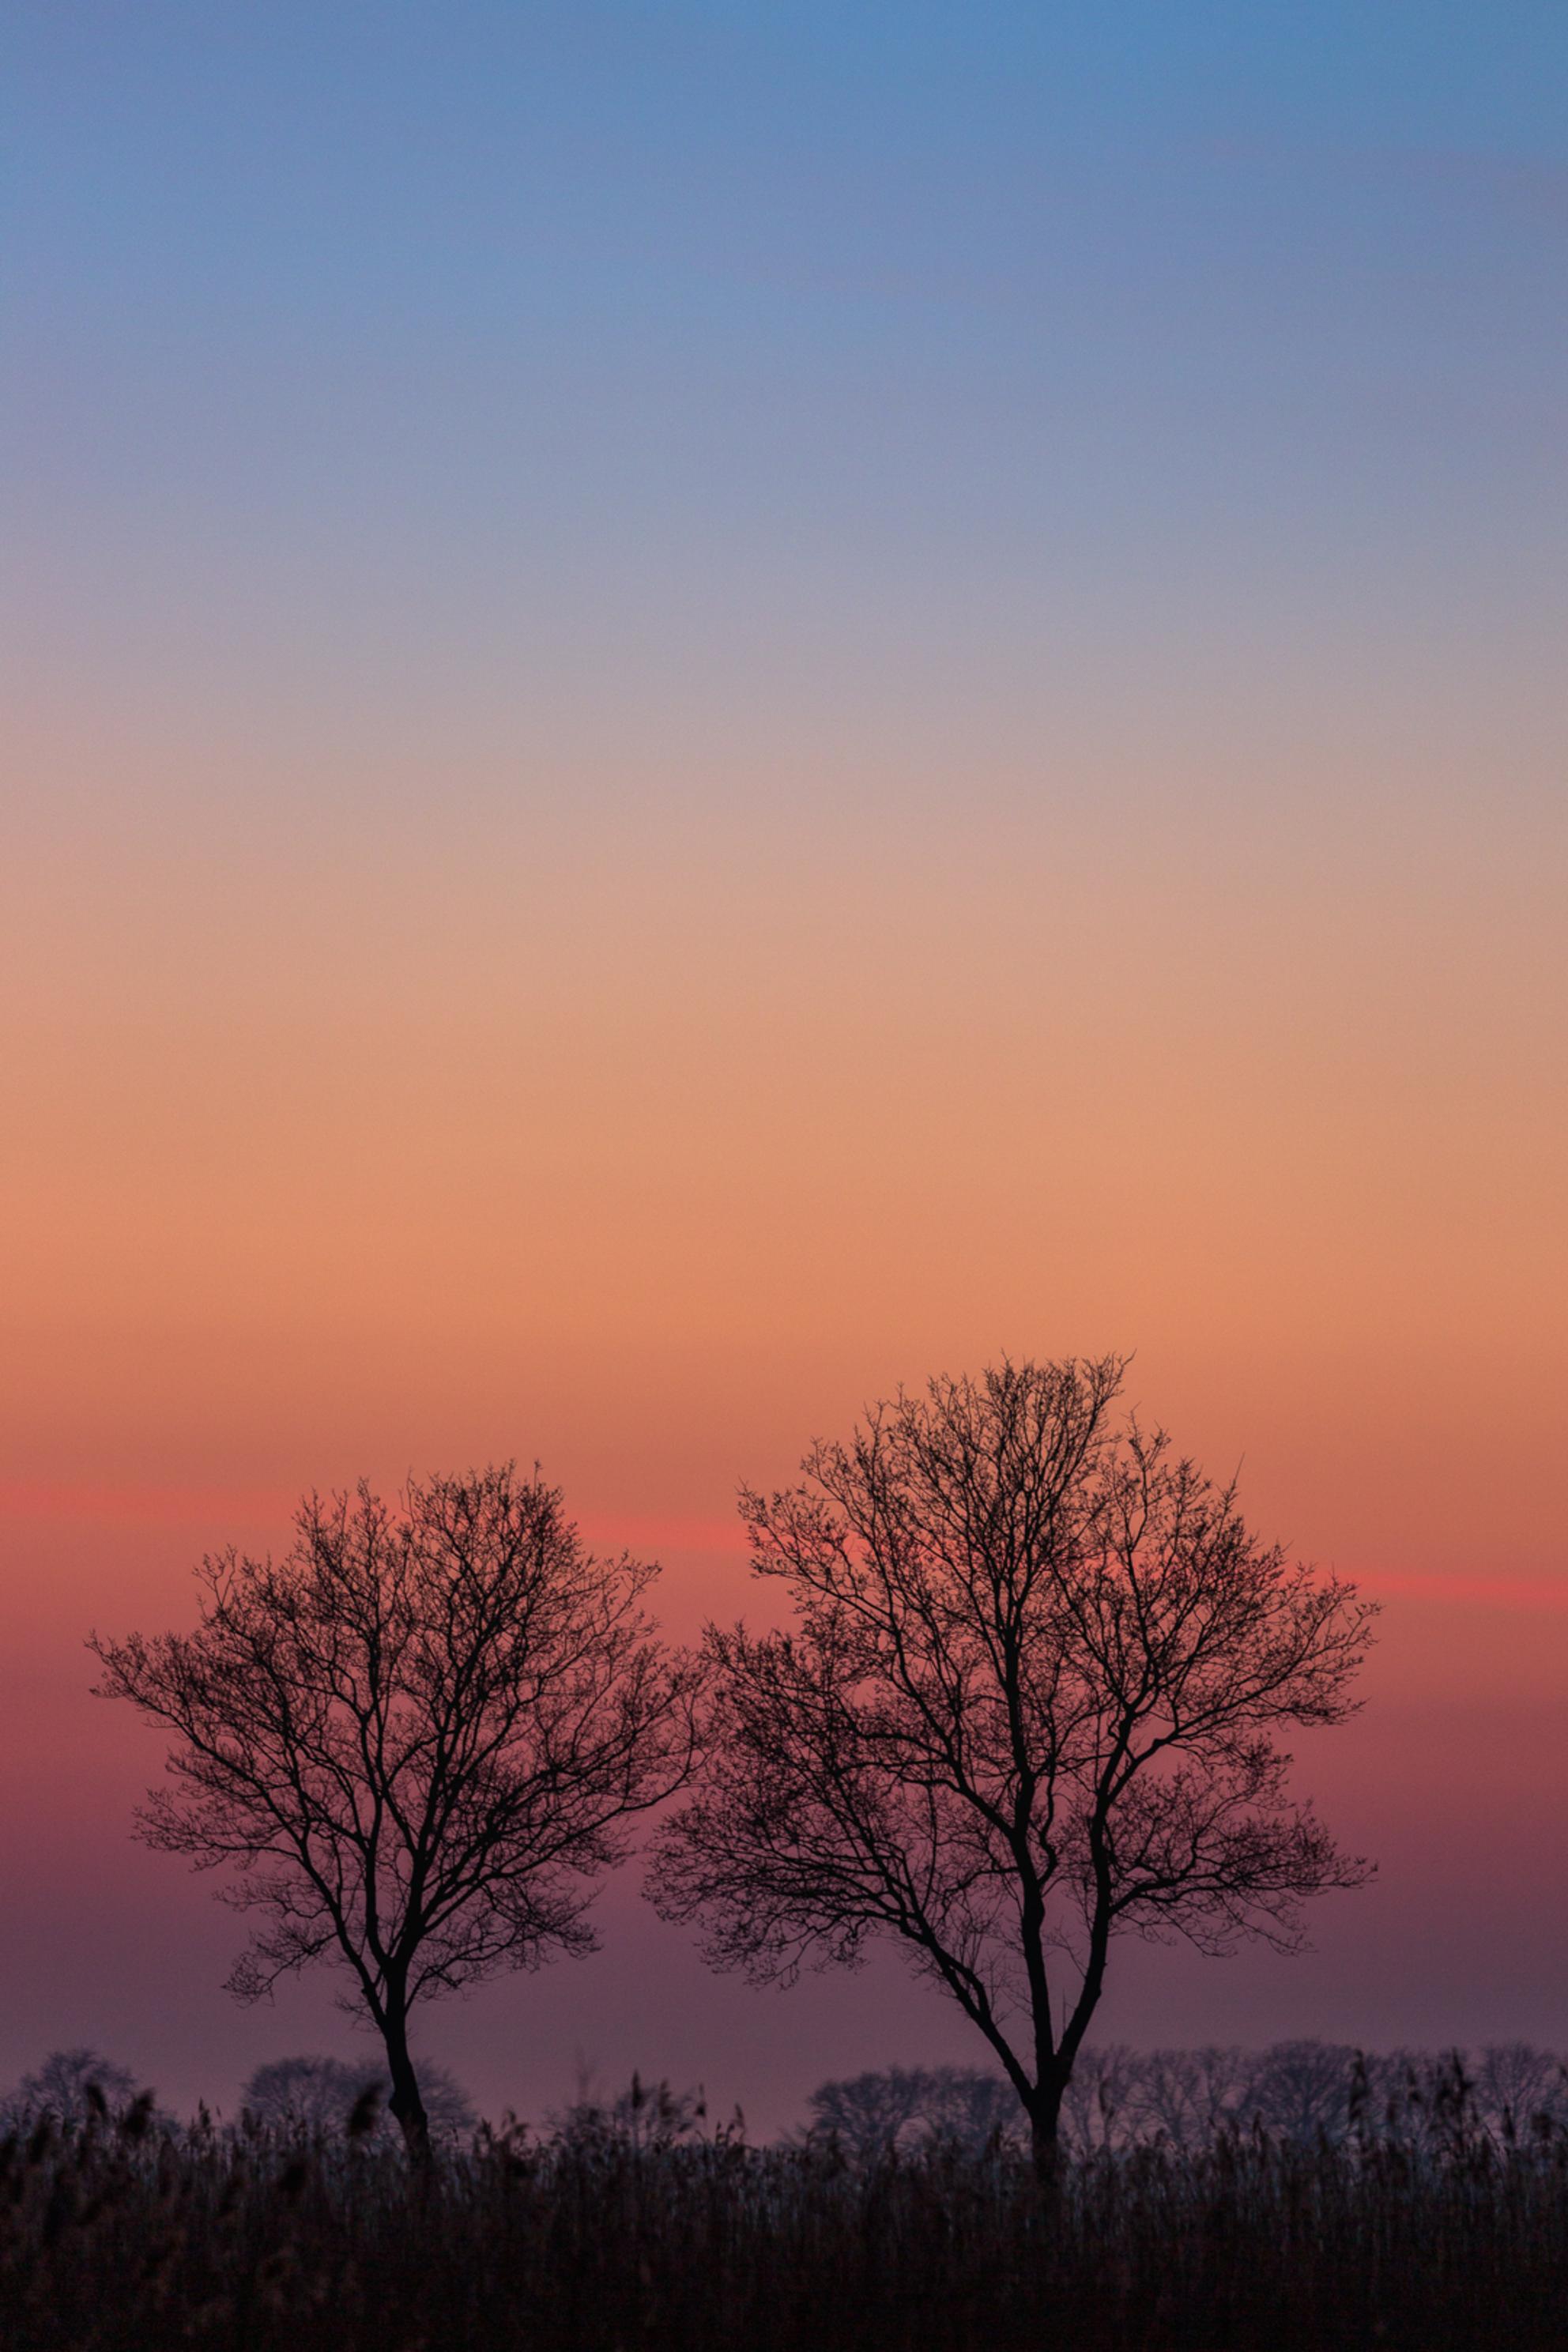 blauwe uurtje - Naast een prachtige sneeuwmaan in het oosten zorgde de het blauwe uurtje aan de westkant voor prachtige kleuren. - foto door gertjanketel op 28-02-2021 - Deze foto mag gebruikt worden in een Zoom.nl publicatie